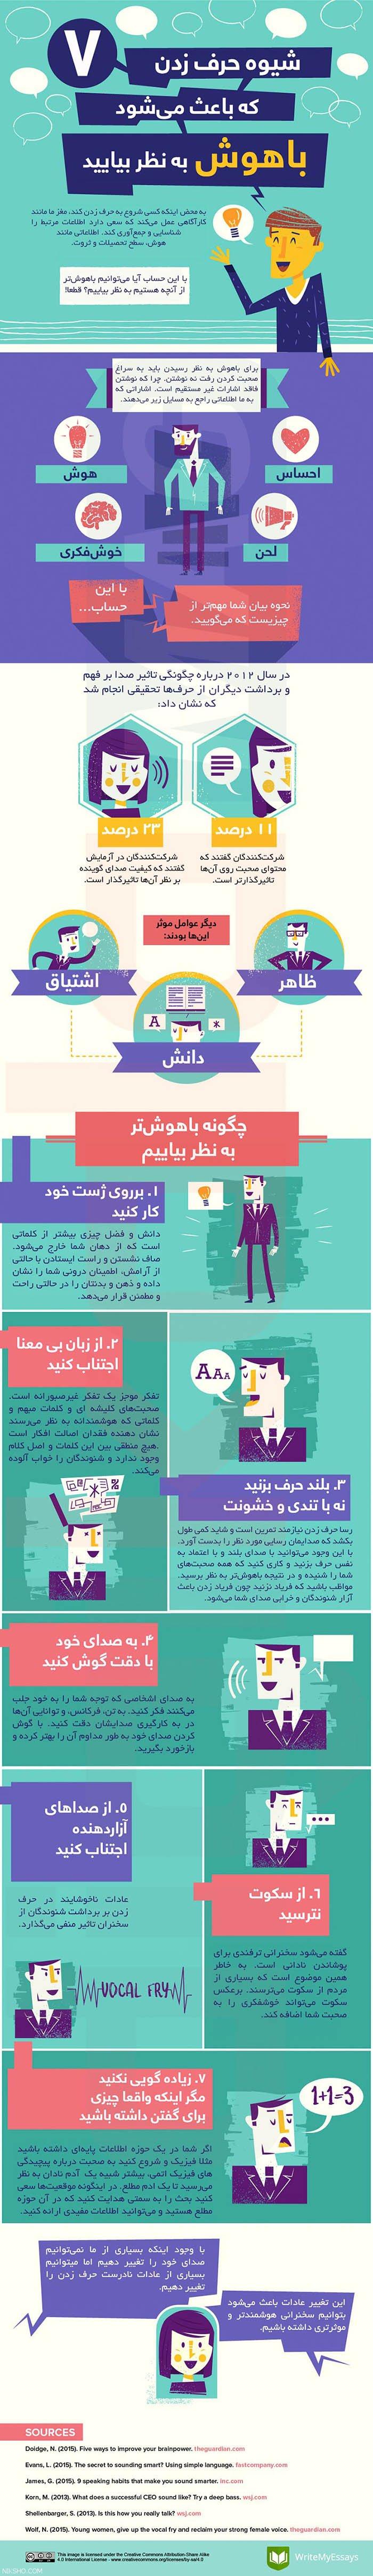 روش های صحبت کردن که شما را باهوش نشان می دهد